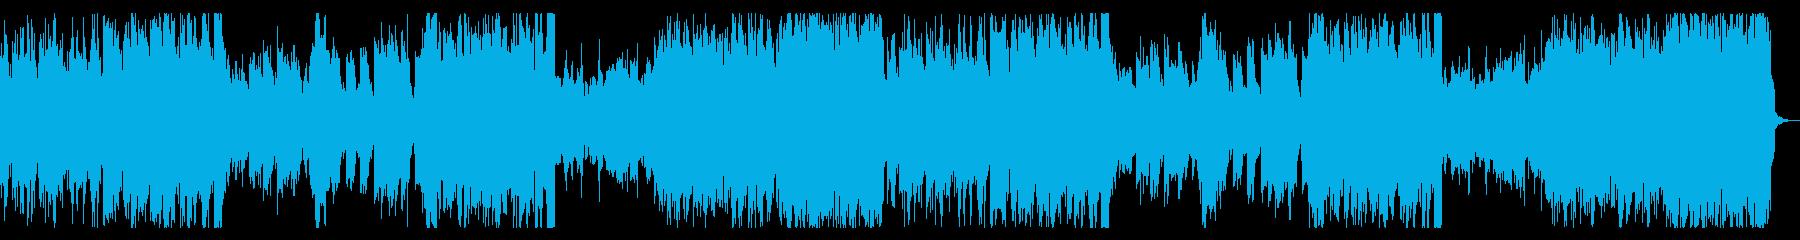 Vampire Neonの再生済みの波形